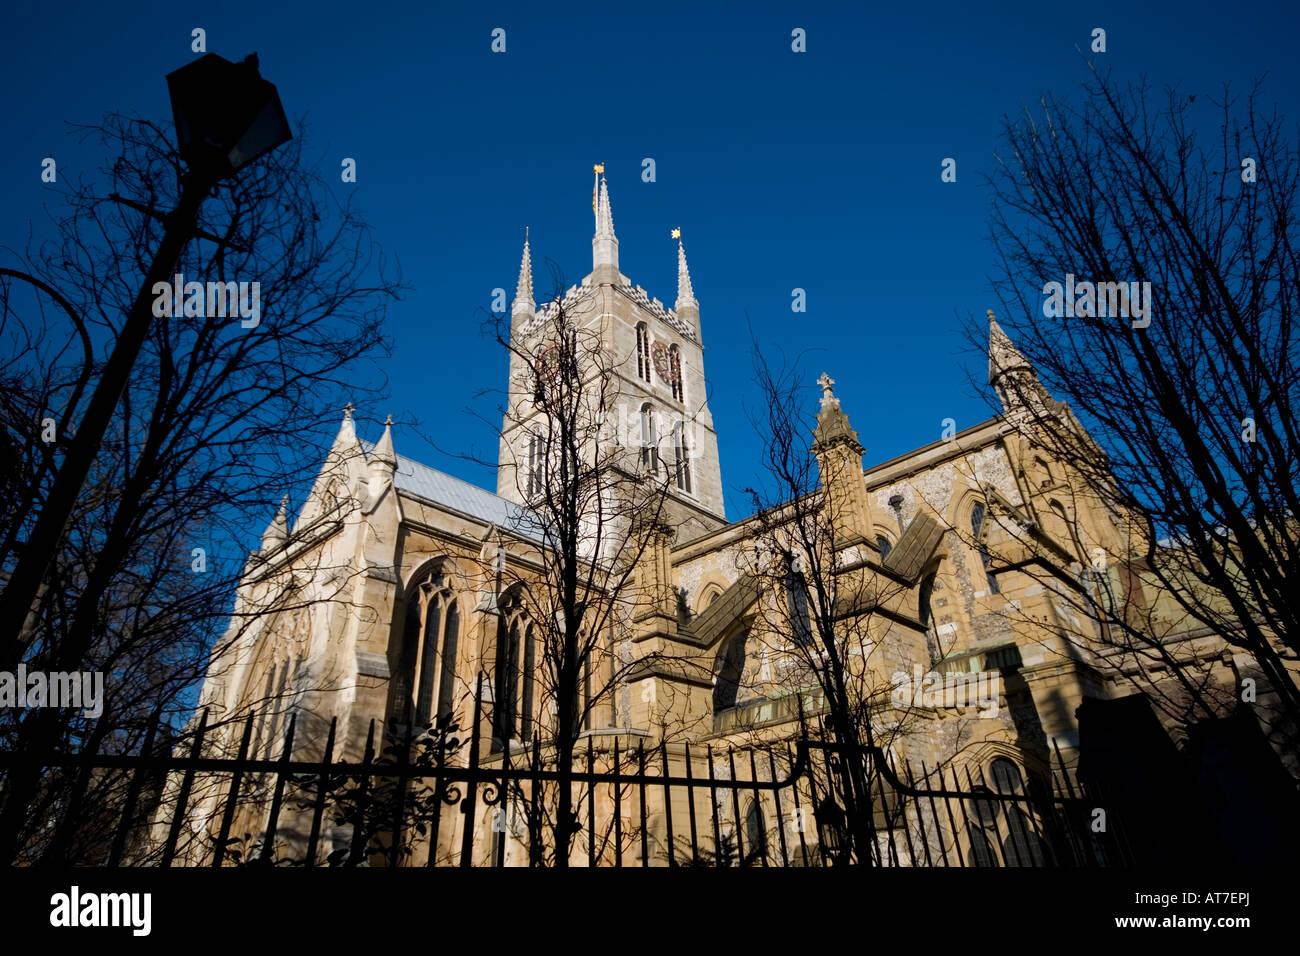 Southwark Cathedral, Southwark, London UK - Stock Image